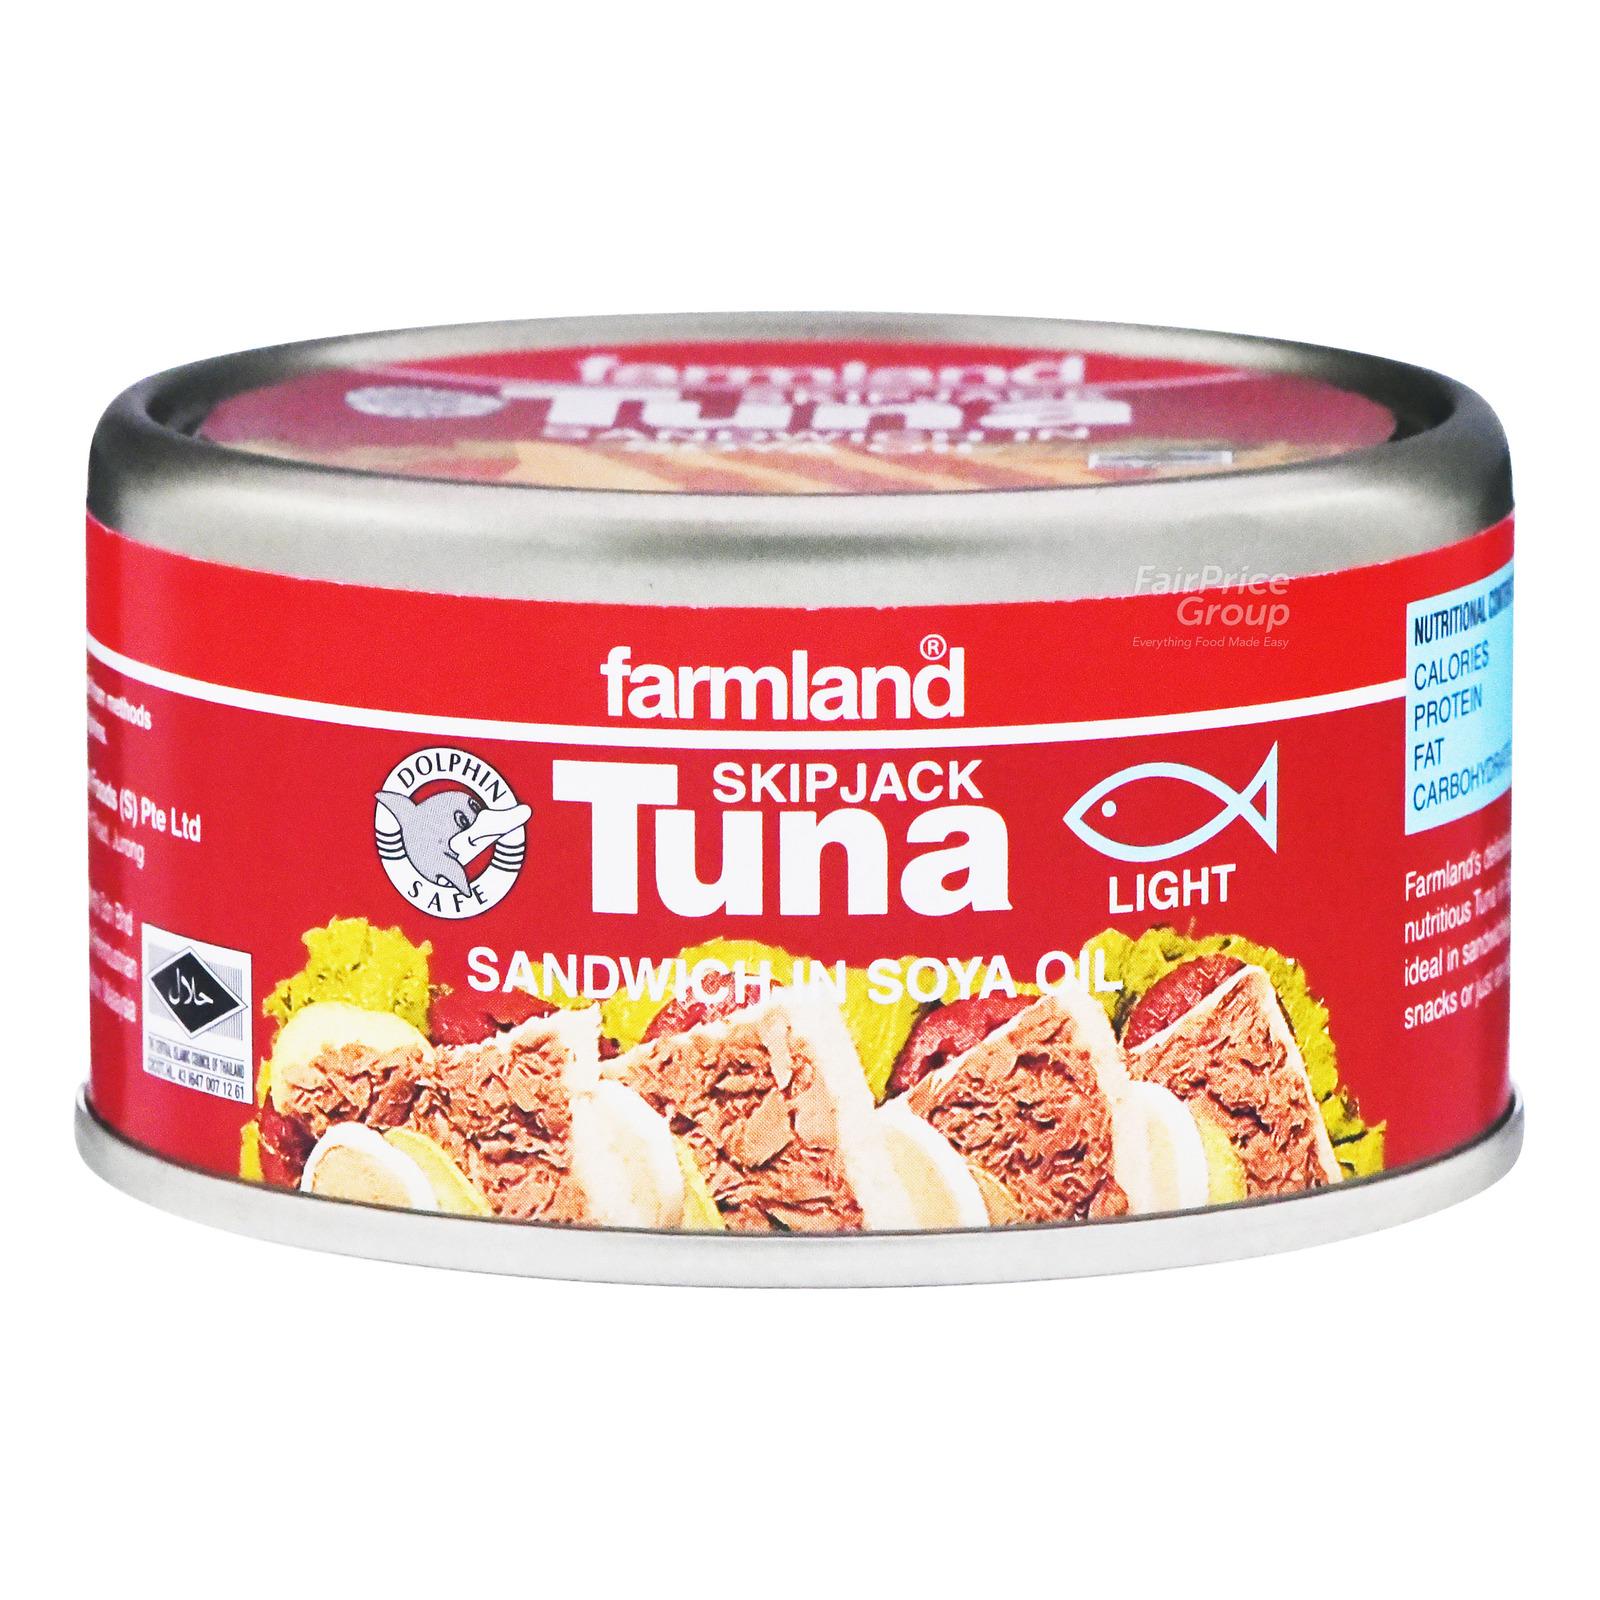 Farmland Skipjack Tuna - Sandwich in Soya Oil